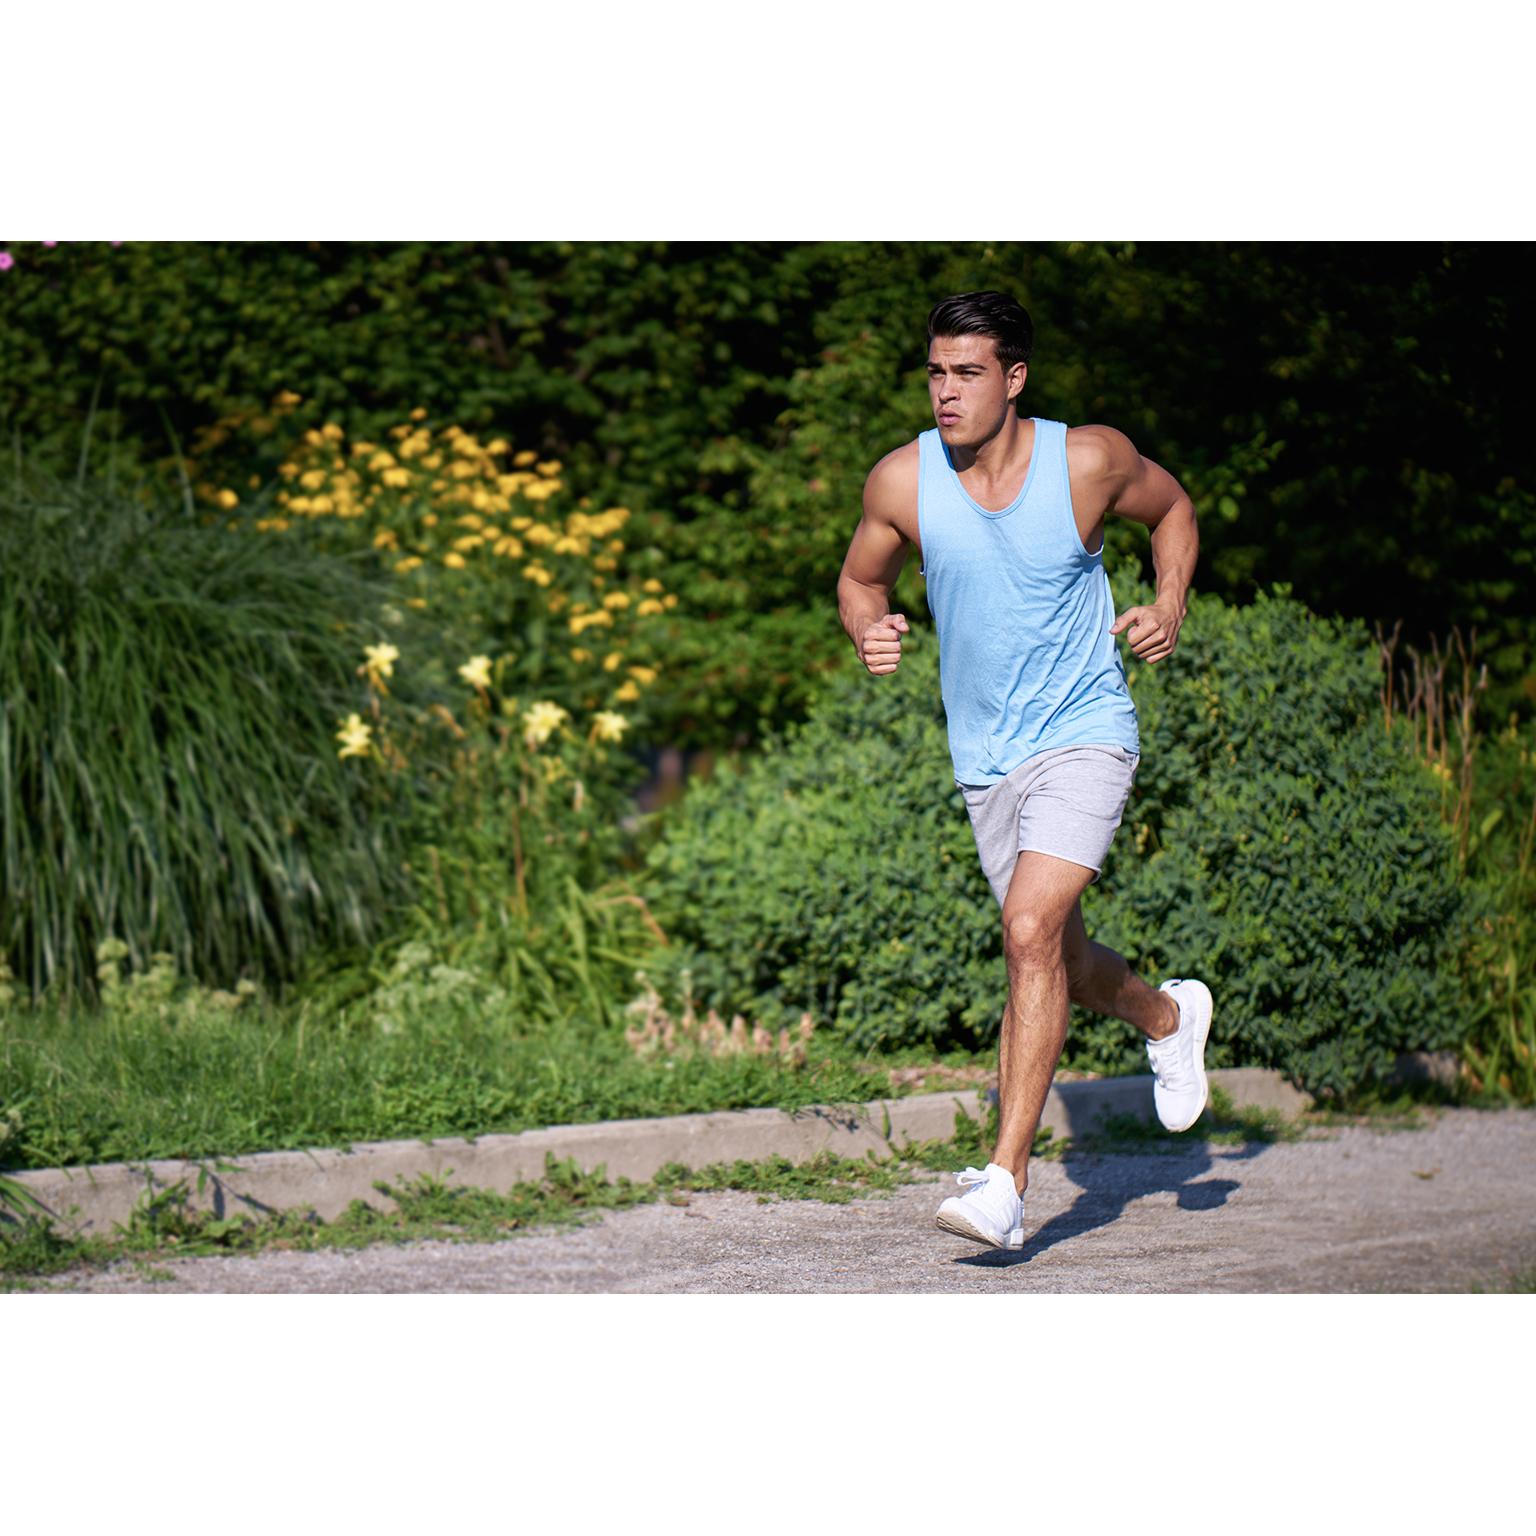 Toronto-Fitness-Model-Agency-Lifestyle-Runner-Juan-Osorio